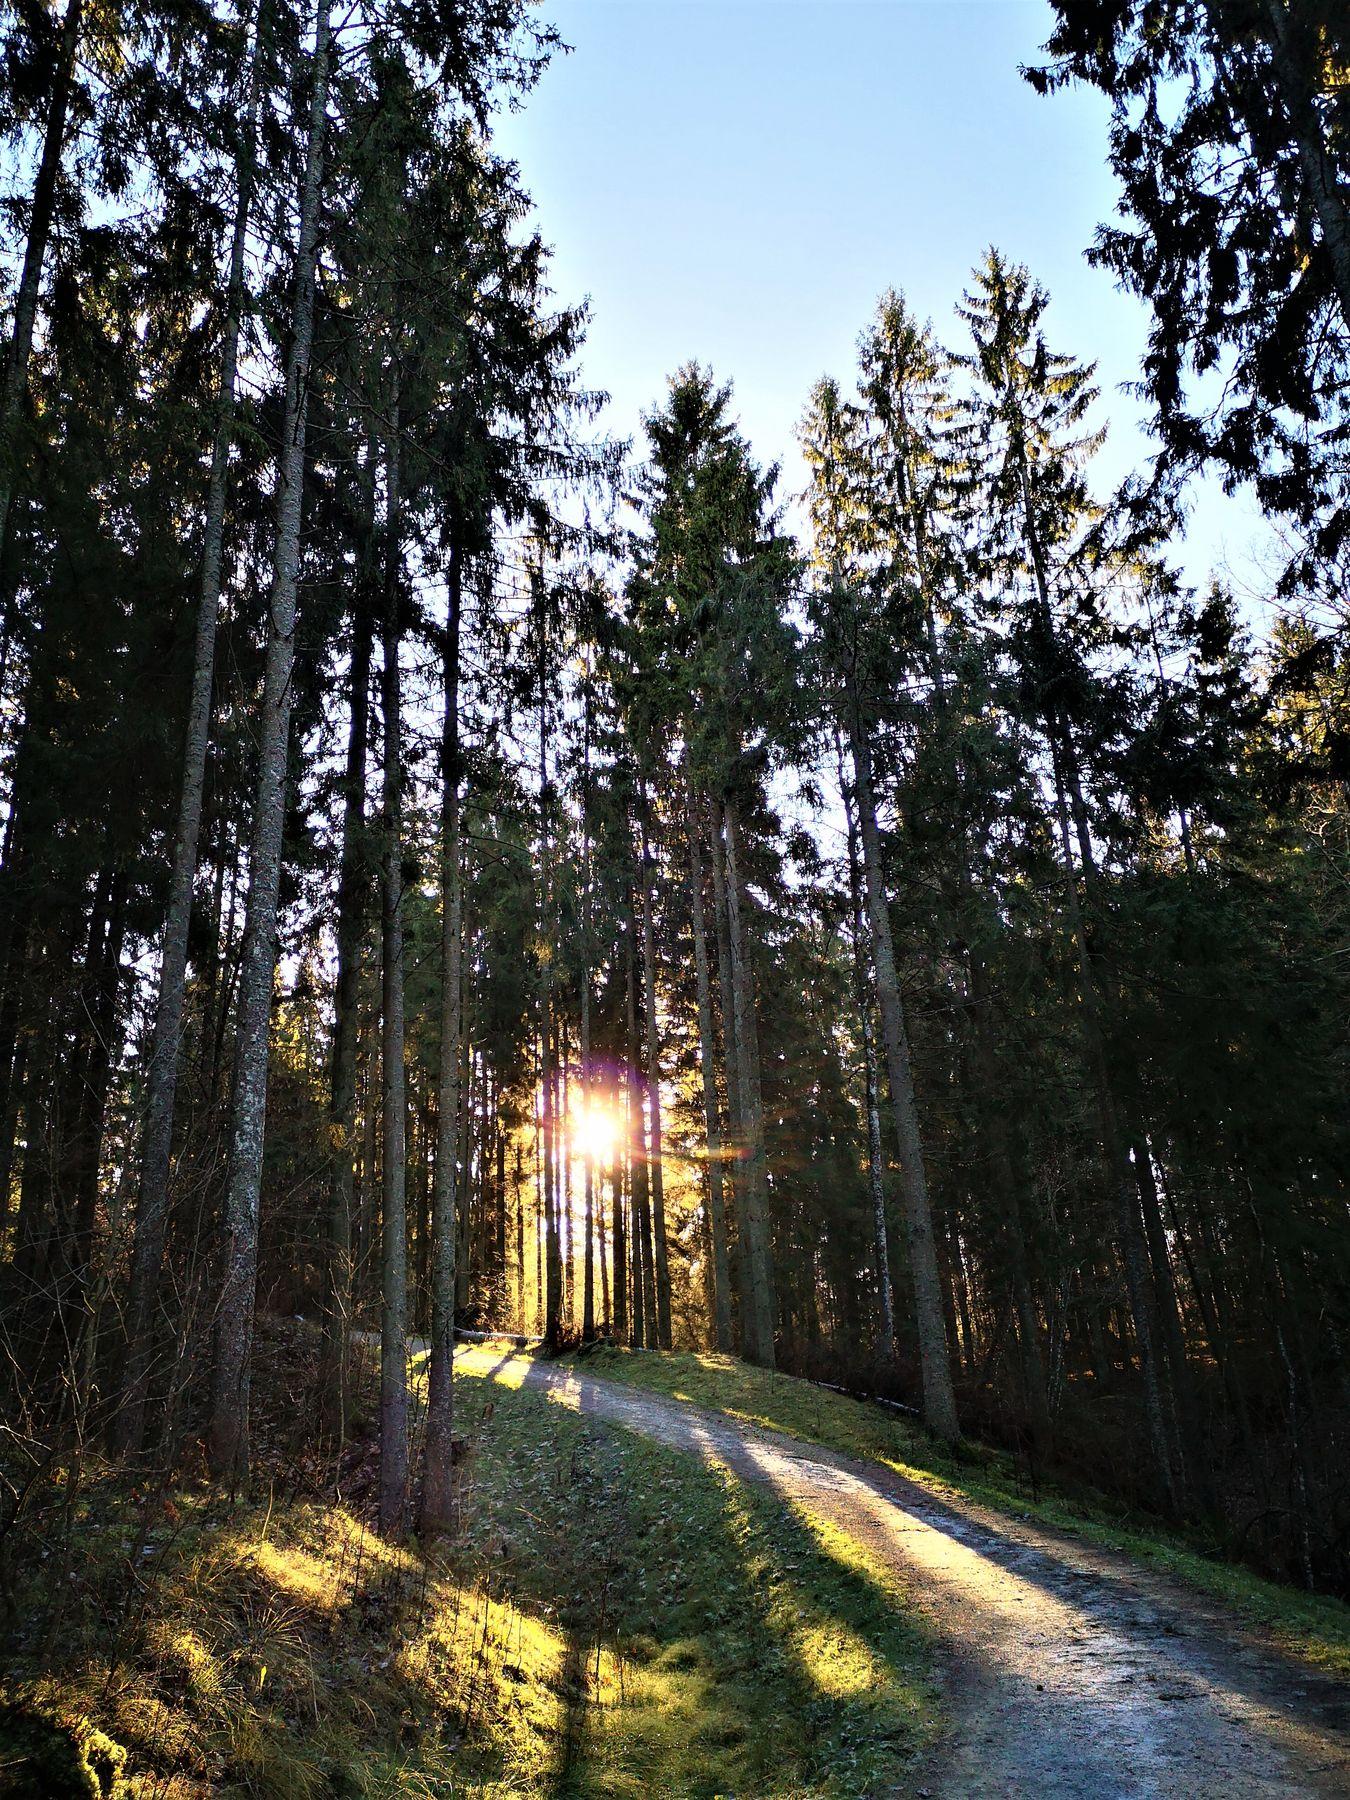 8_Seire_trail_antanaviciute_path